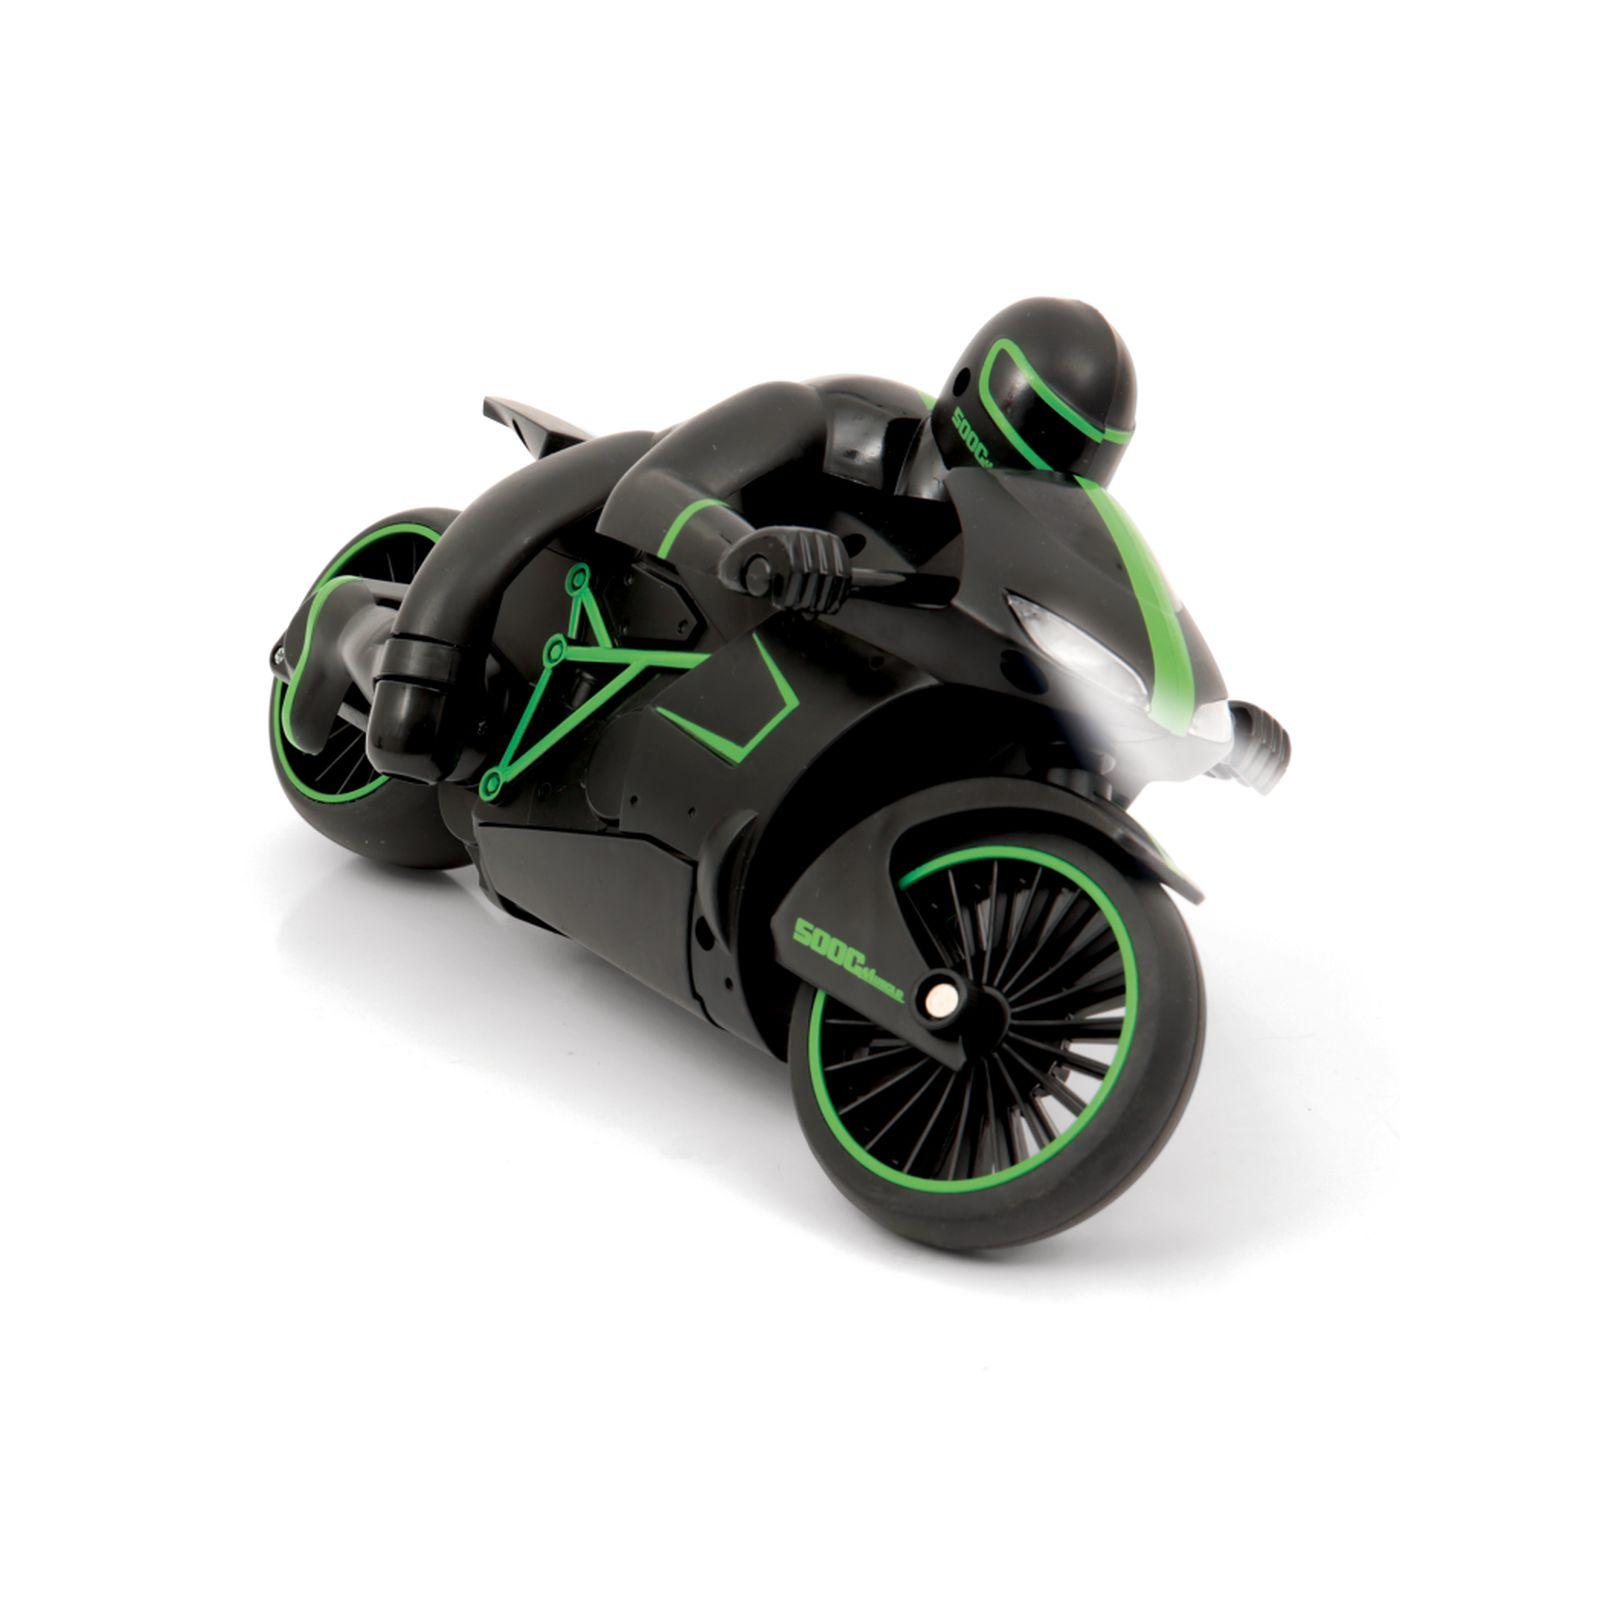 Moto r/c lightning - MOTOR & CO., TOYS CENTER